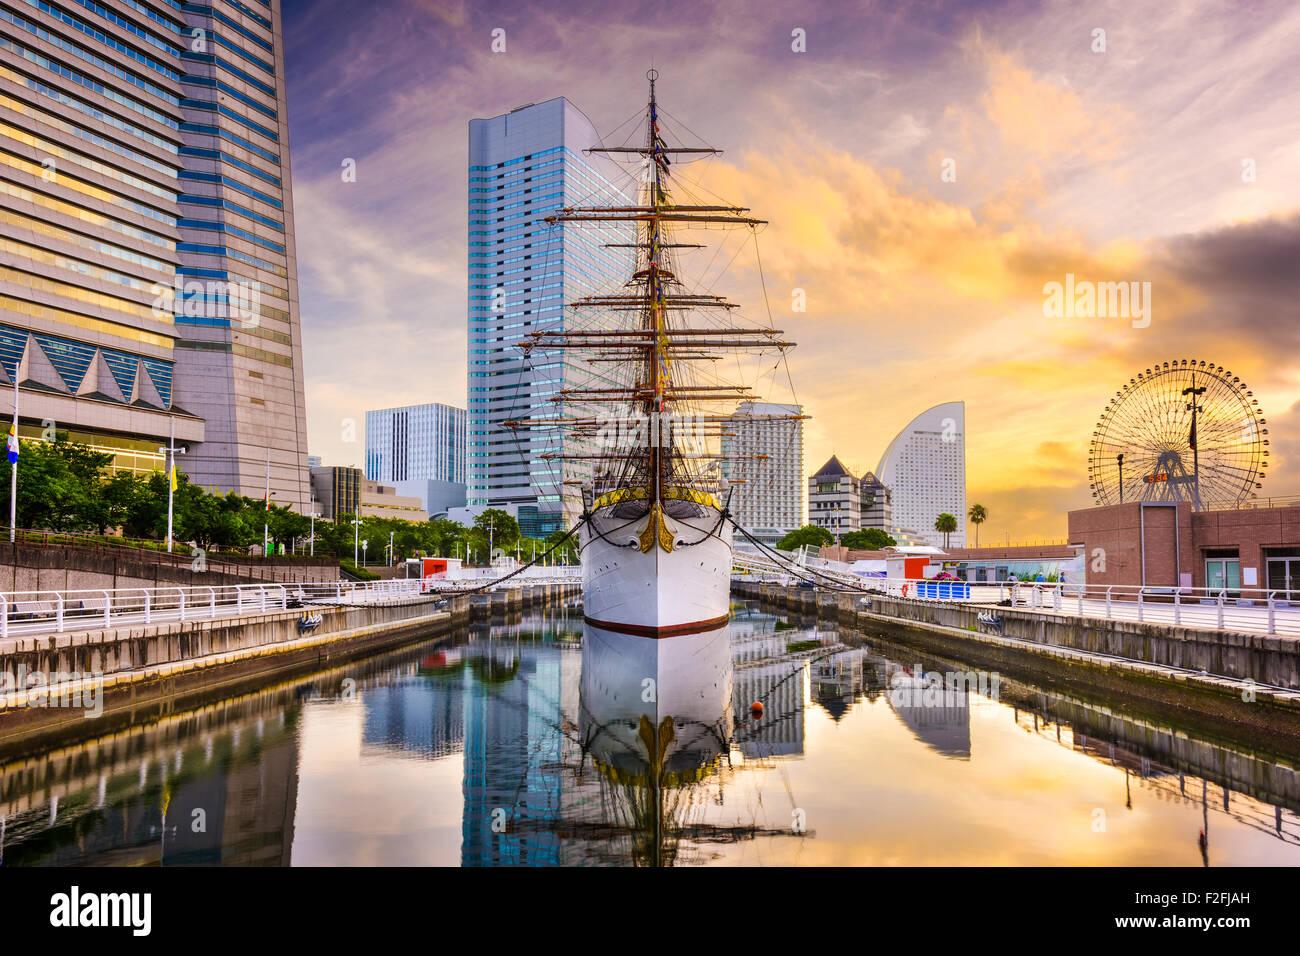 Yokohama, Japón el amanecer en el distrito de Minato Mirai. Imagen De Stock